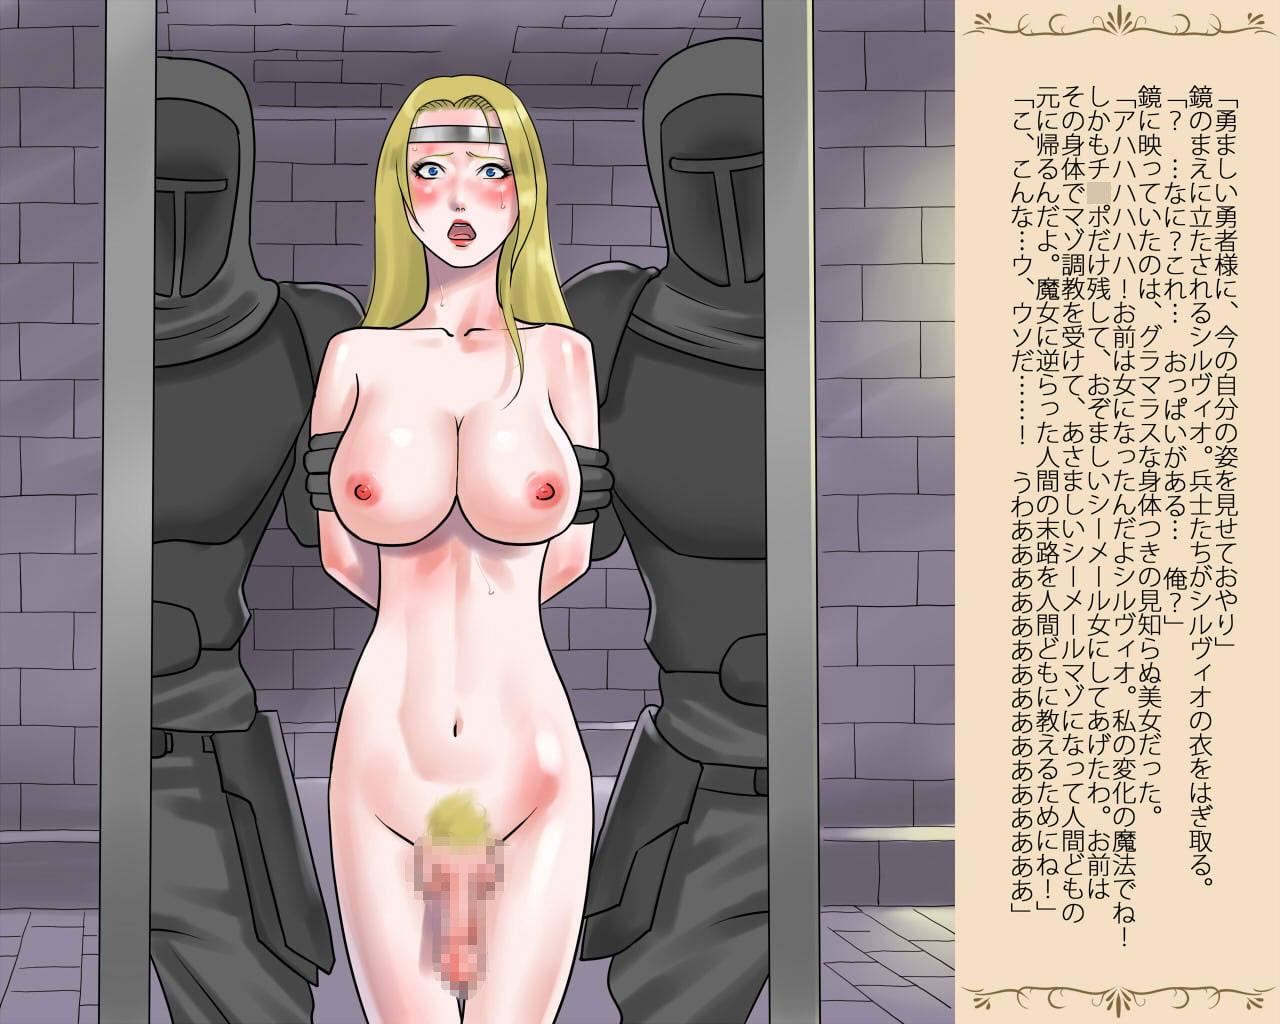 女体化された勇者様・恥辱の変態射精奴隷サンプル1